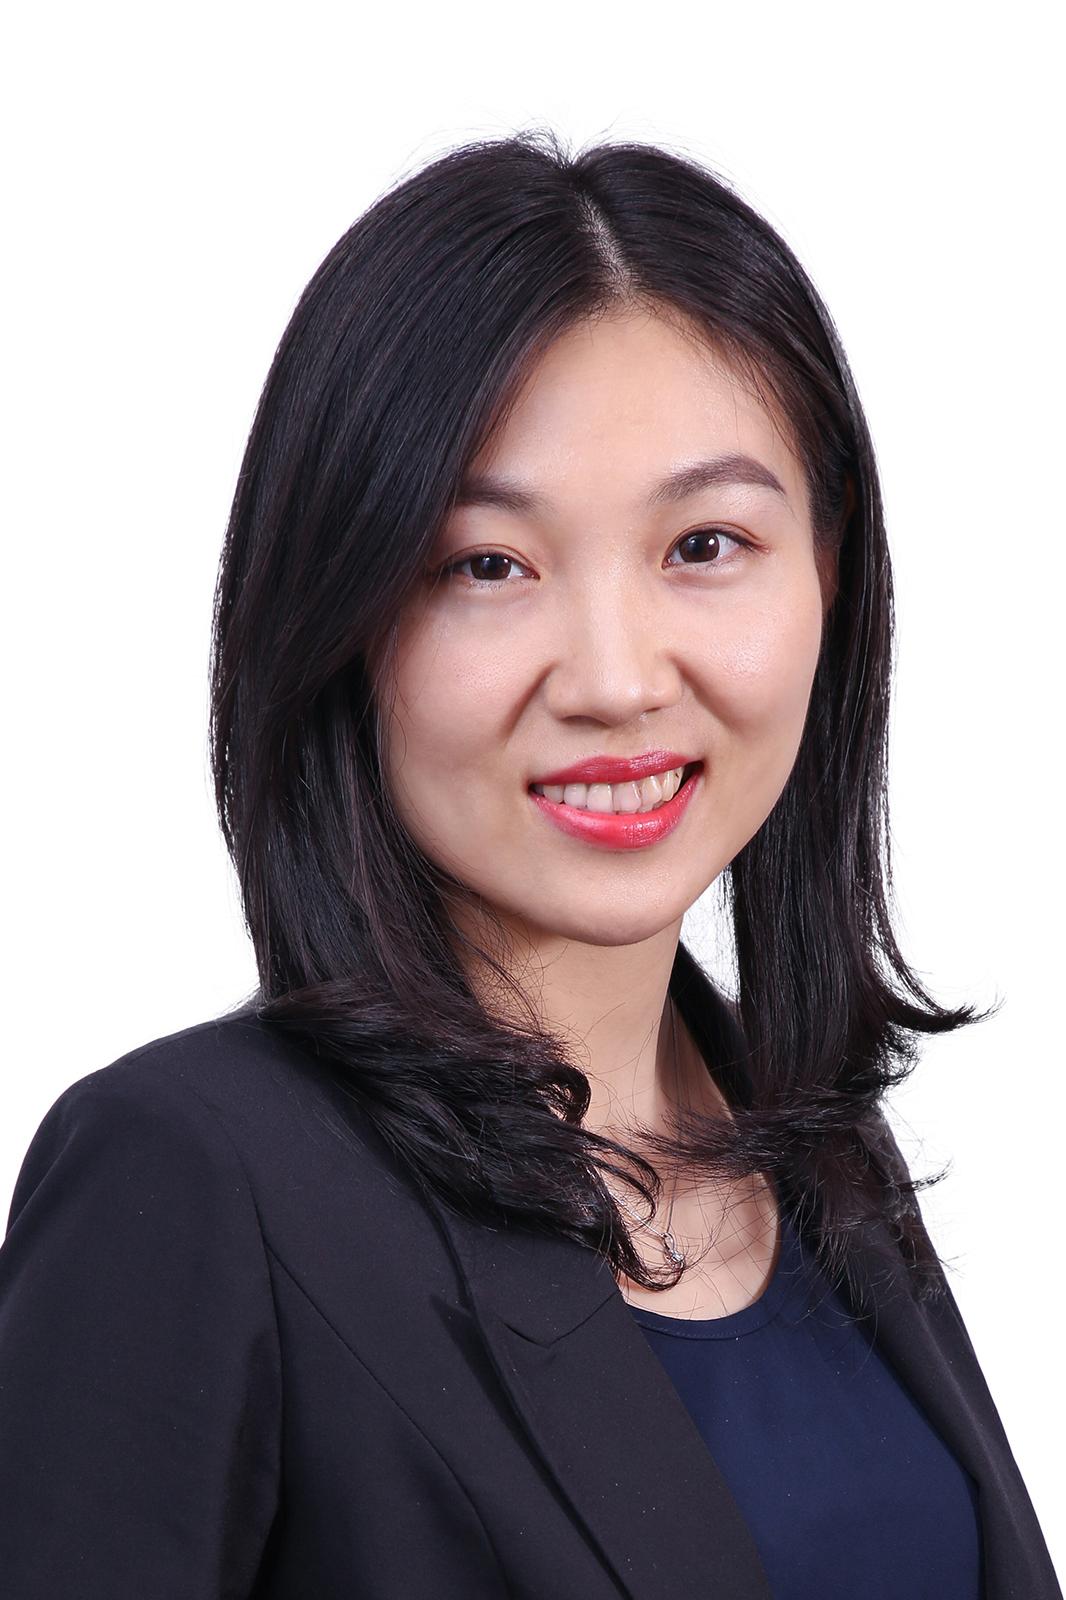 Xie Minnan